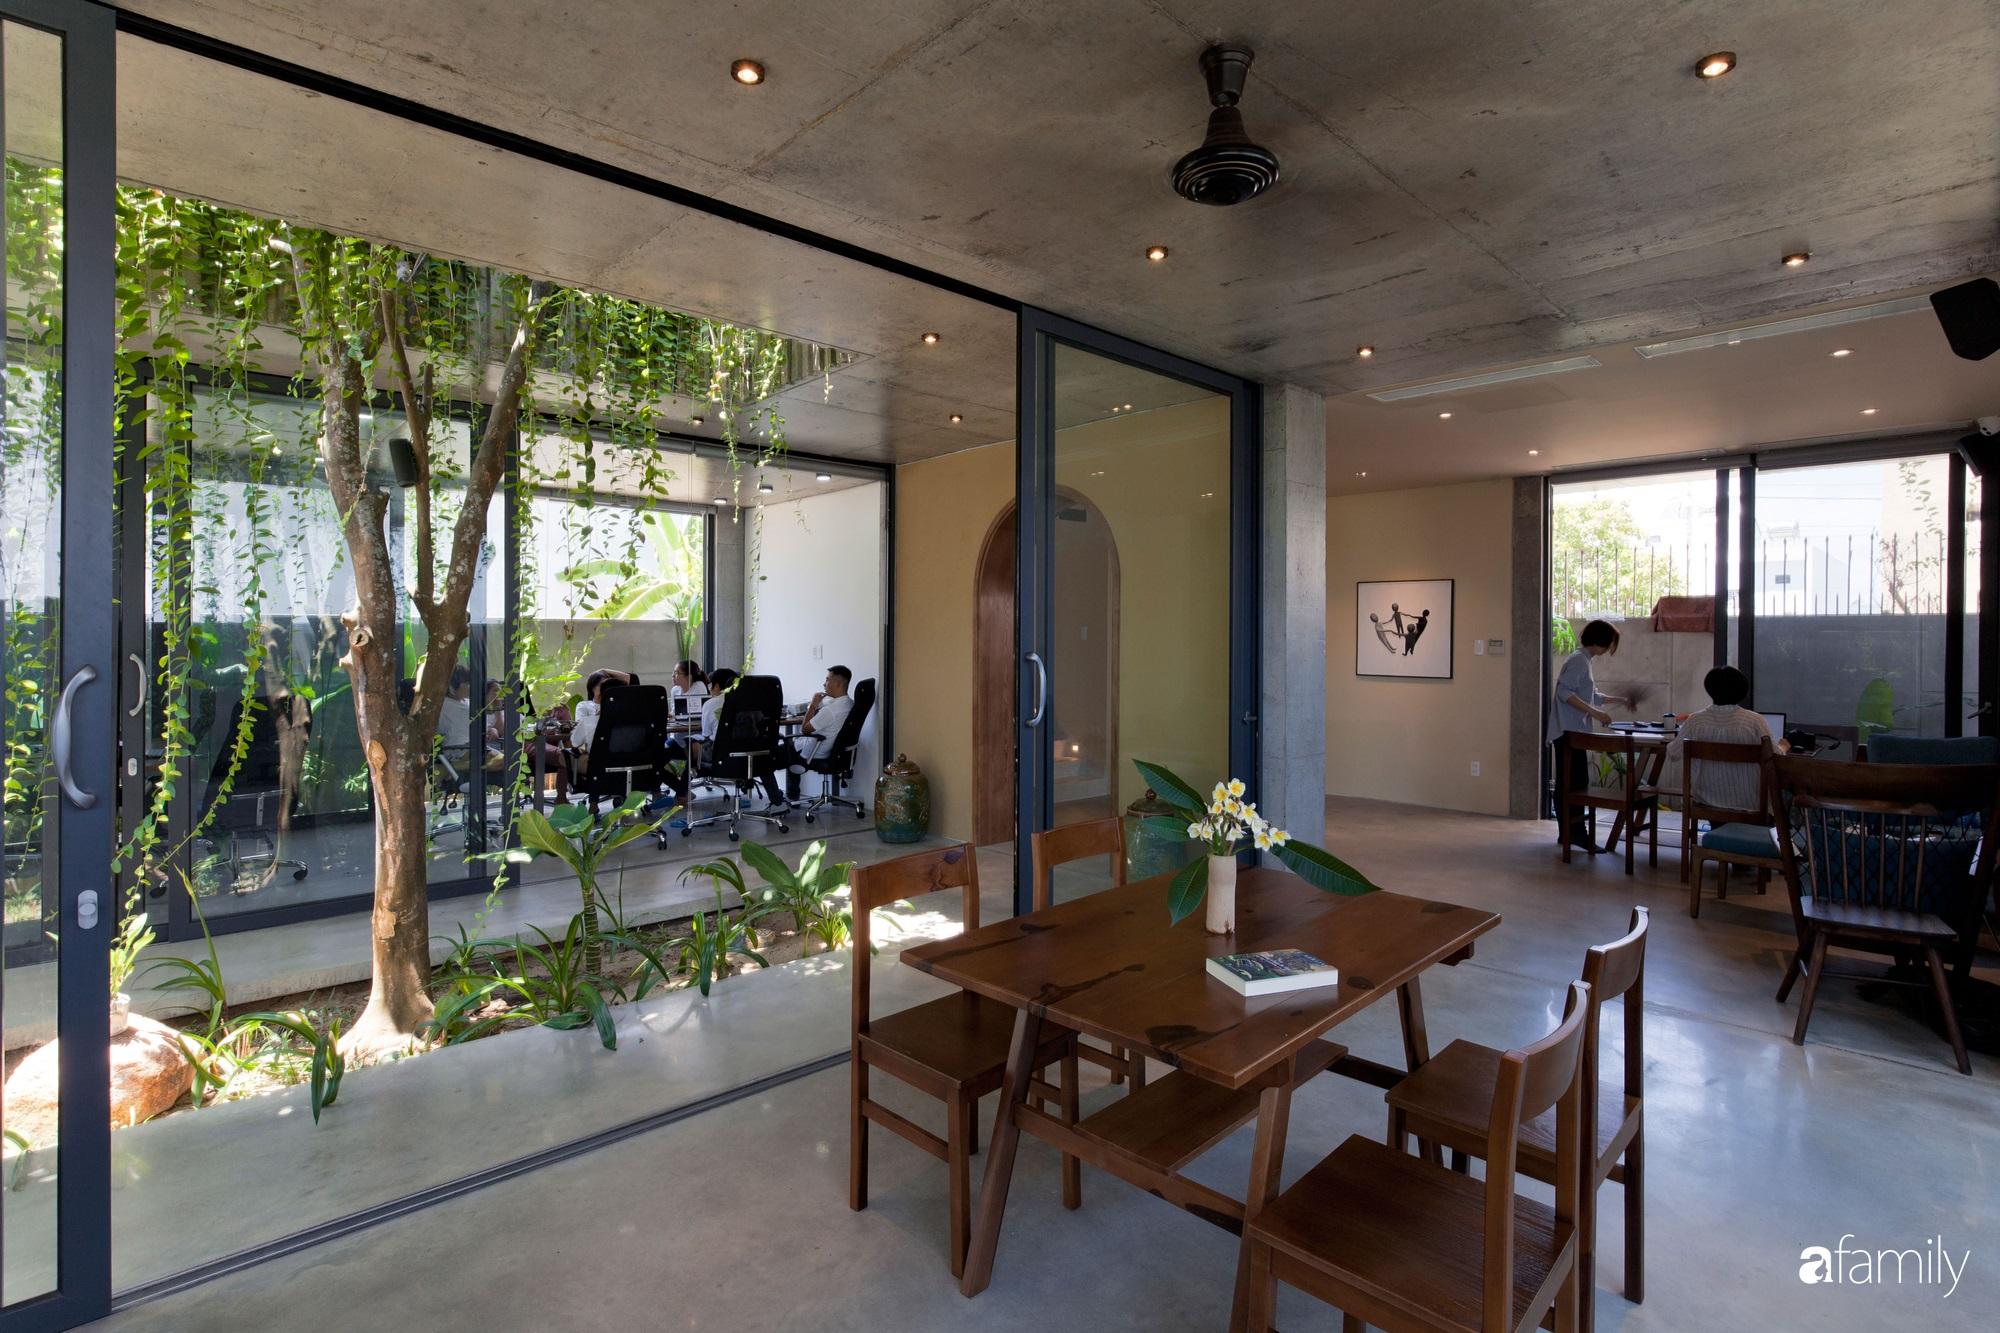 Nhà vườn mái tranh rộng 200m² với đủ tiện nghi hiện đại nổi bật giữa phố thị Hội An có chi phí xây dựng 2,1 tỷ đồng - Ảnh 18.